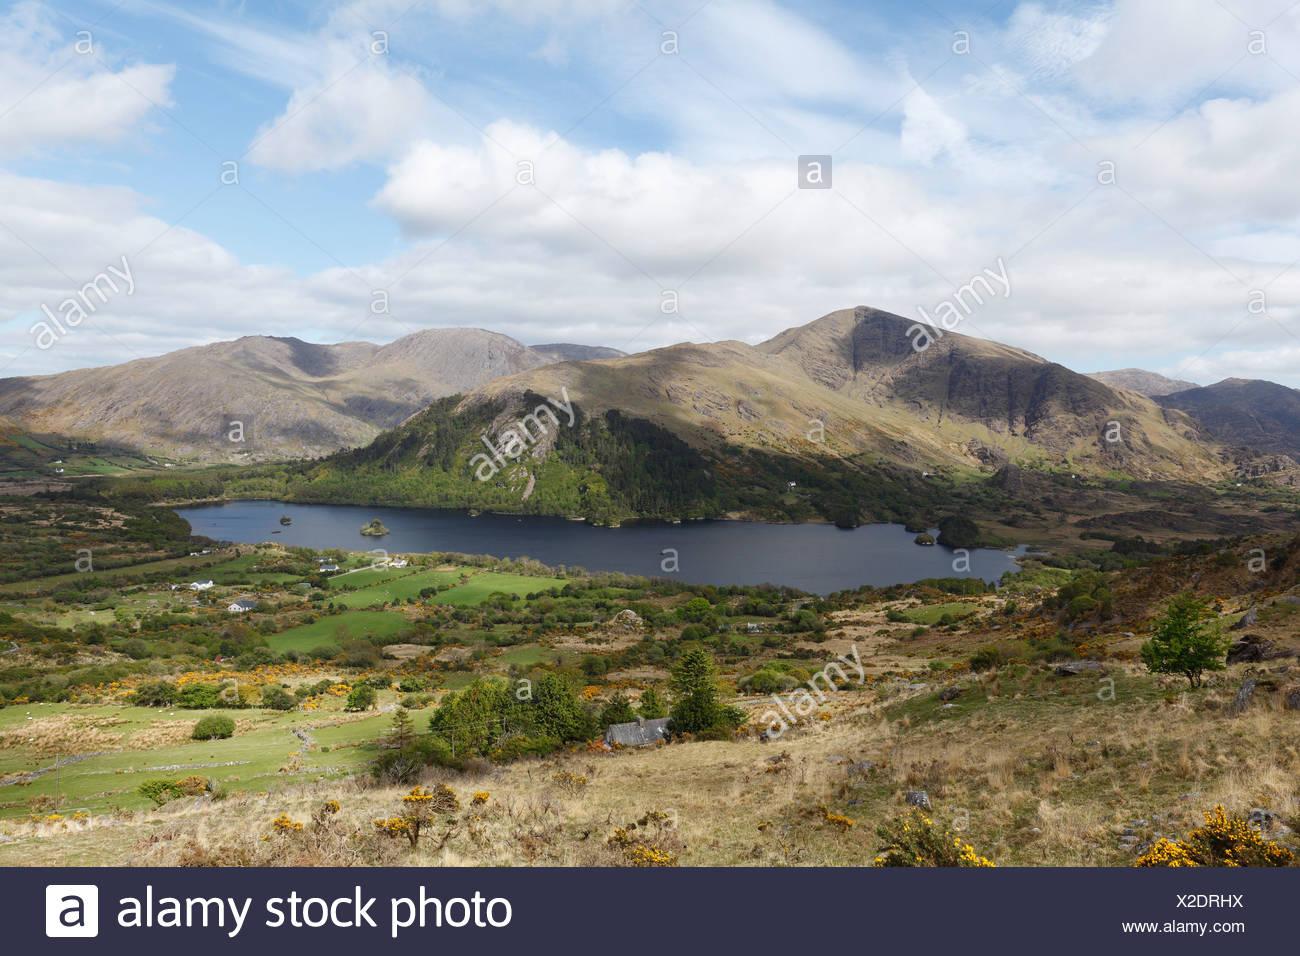 Glenmore Lake, view from Healy Pass, Beara Peninsula, County Kerry, Ireland, British Isles, Europe - Stock Image